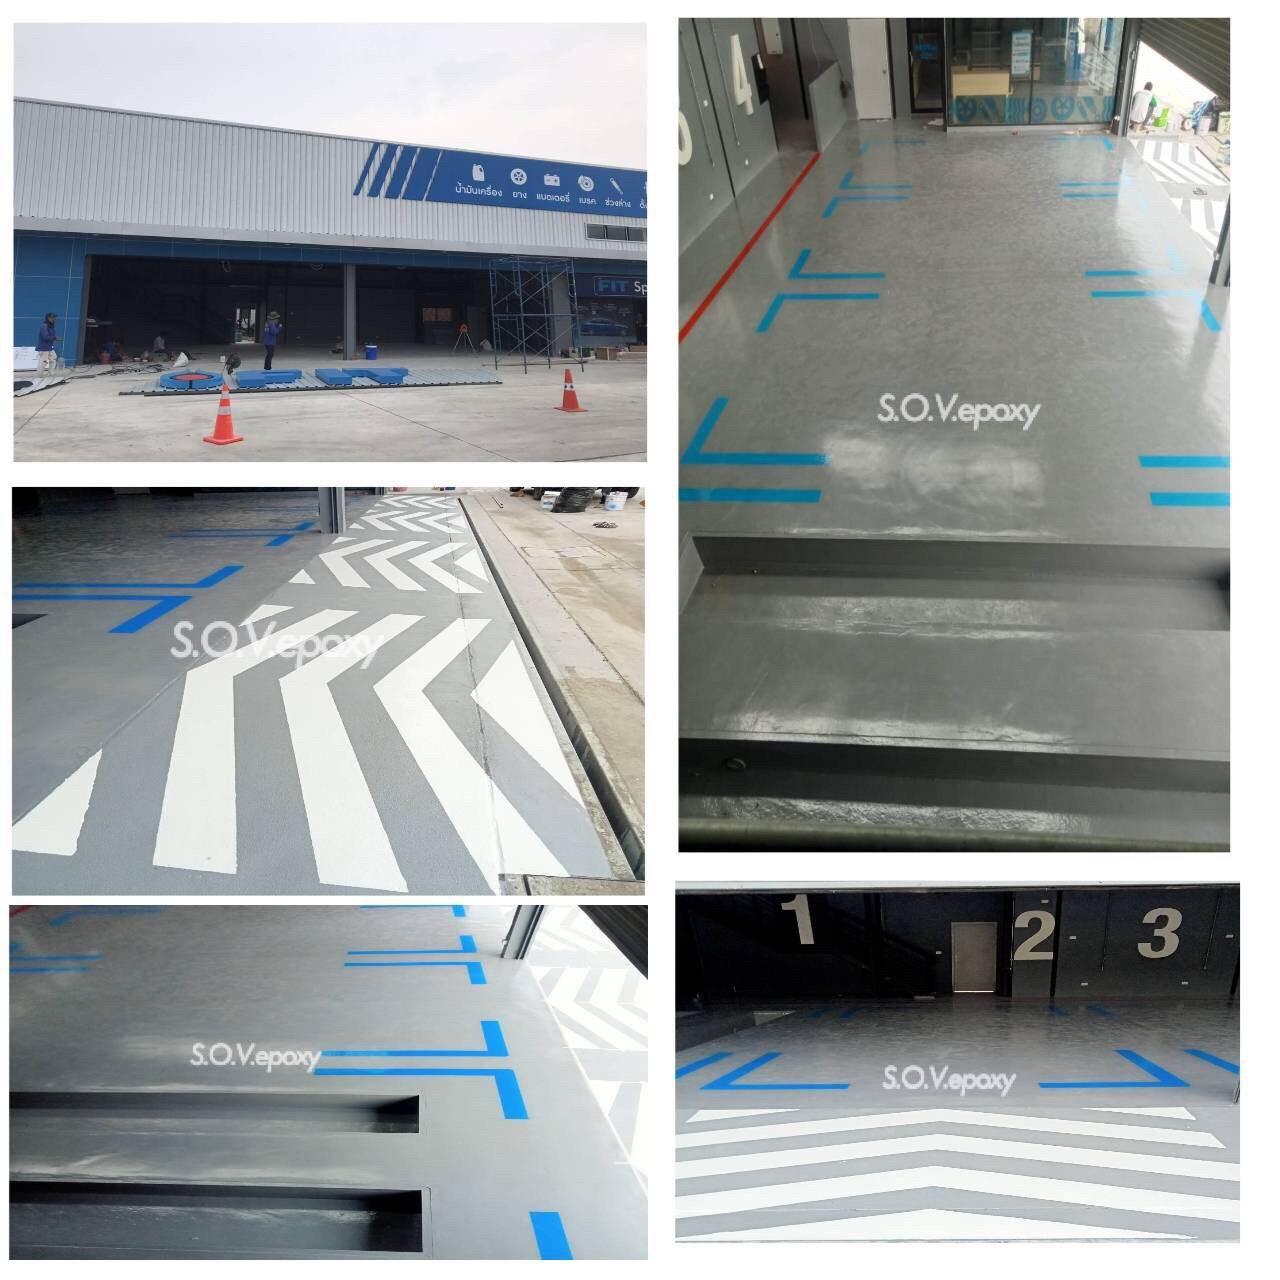 SOV Epoxy บริการงานพื้นอีพ็อกซี่ พื้นพียู พื้นโรงงาน พื้นสนามกีฬา กันซึมดาดฟ้า 13